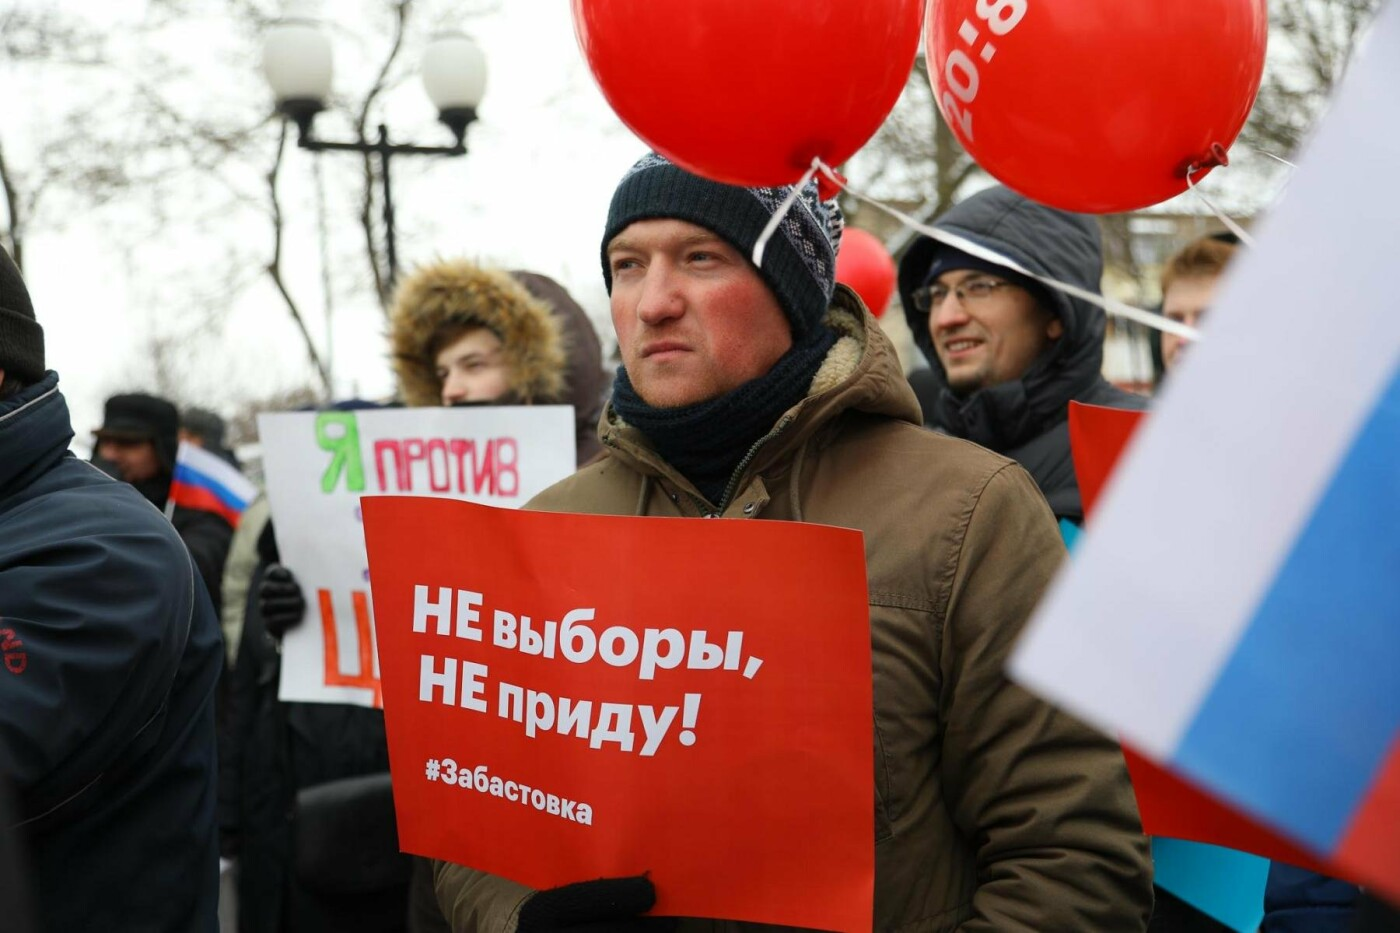 В Белгороде у Дома офицеров прошла «забастовка избирателей» — фоторепортаж, фото-31